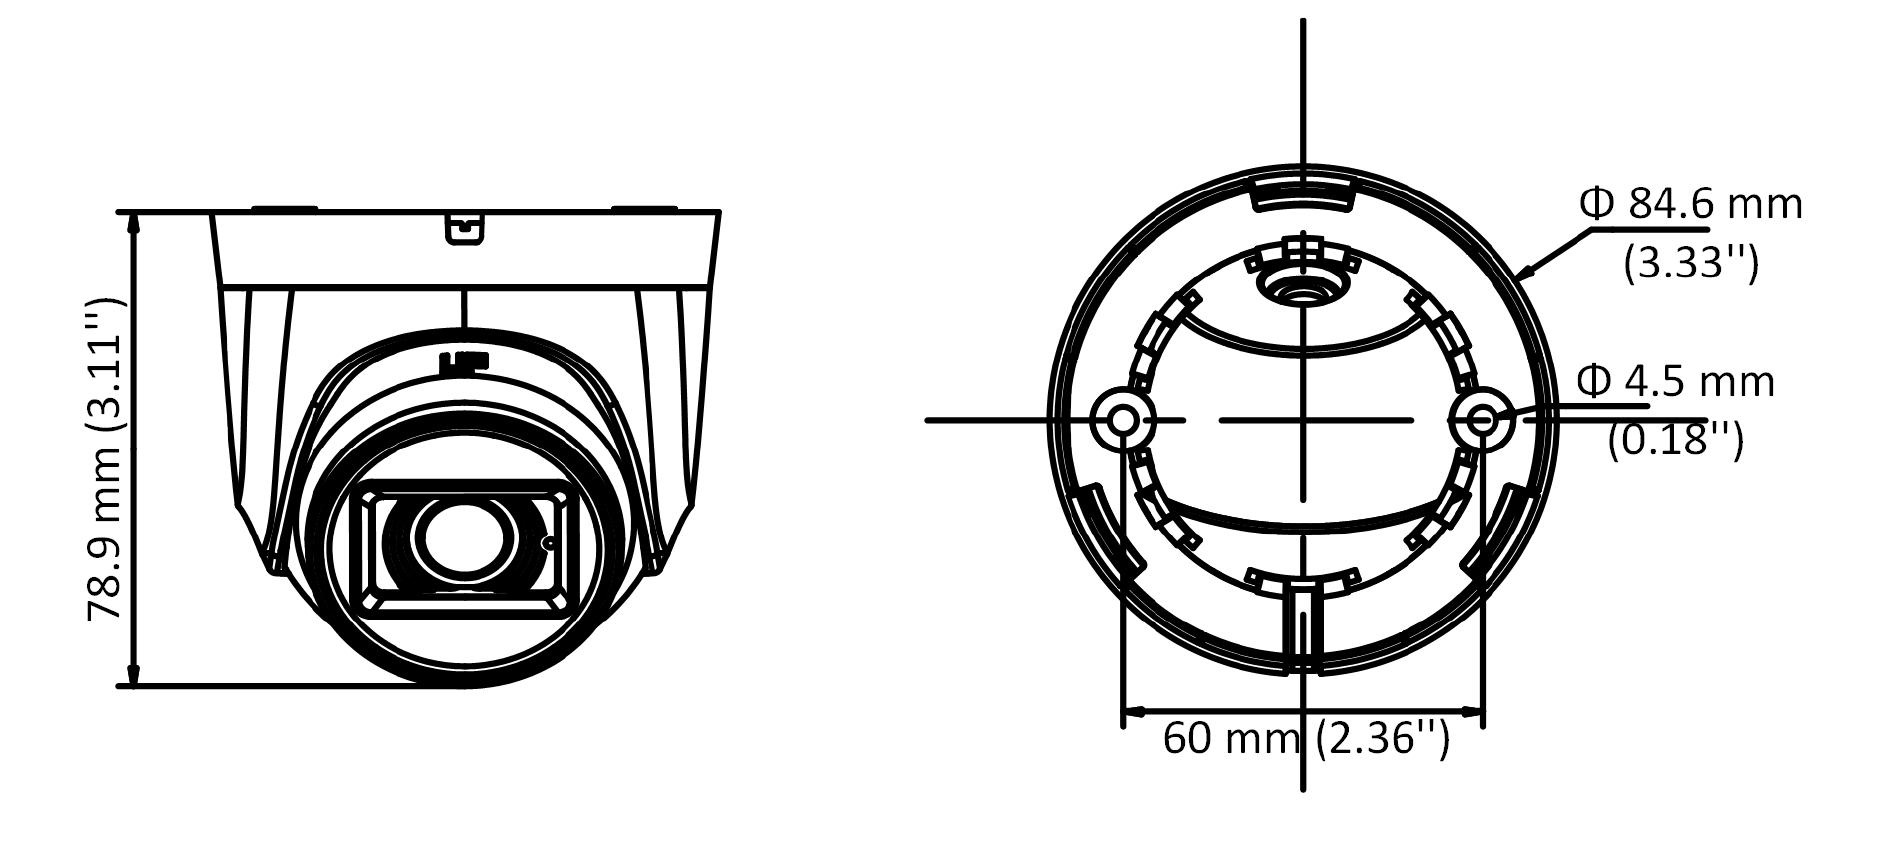 hikvision-ds-2ce76d0t-itpfs-2MP-AUDIO-CAMERA